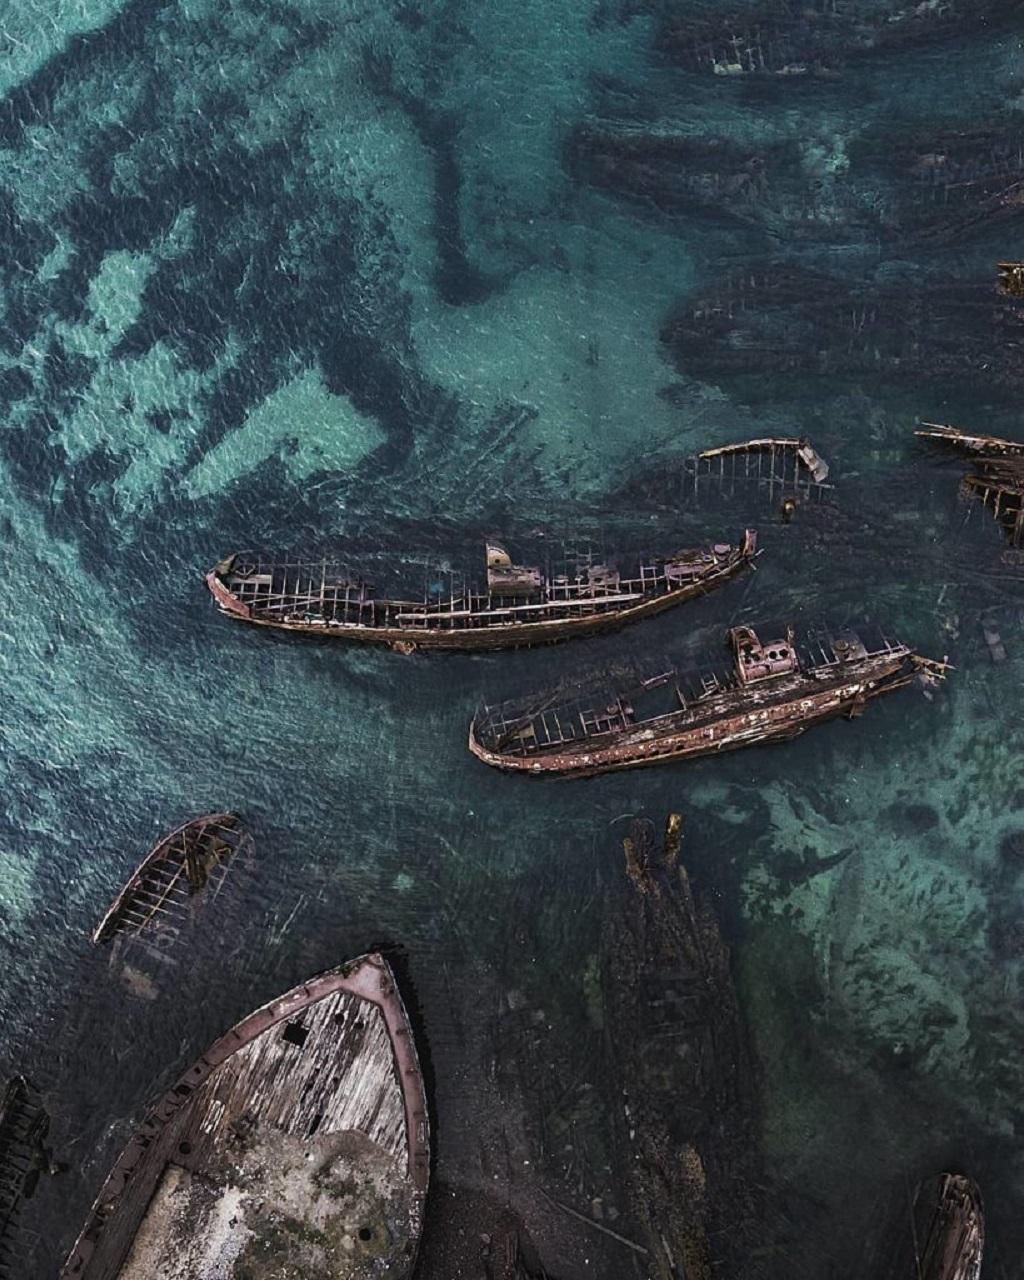 экскурсия из мурманска в териберку кладбище кораблей